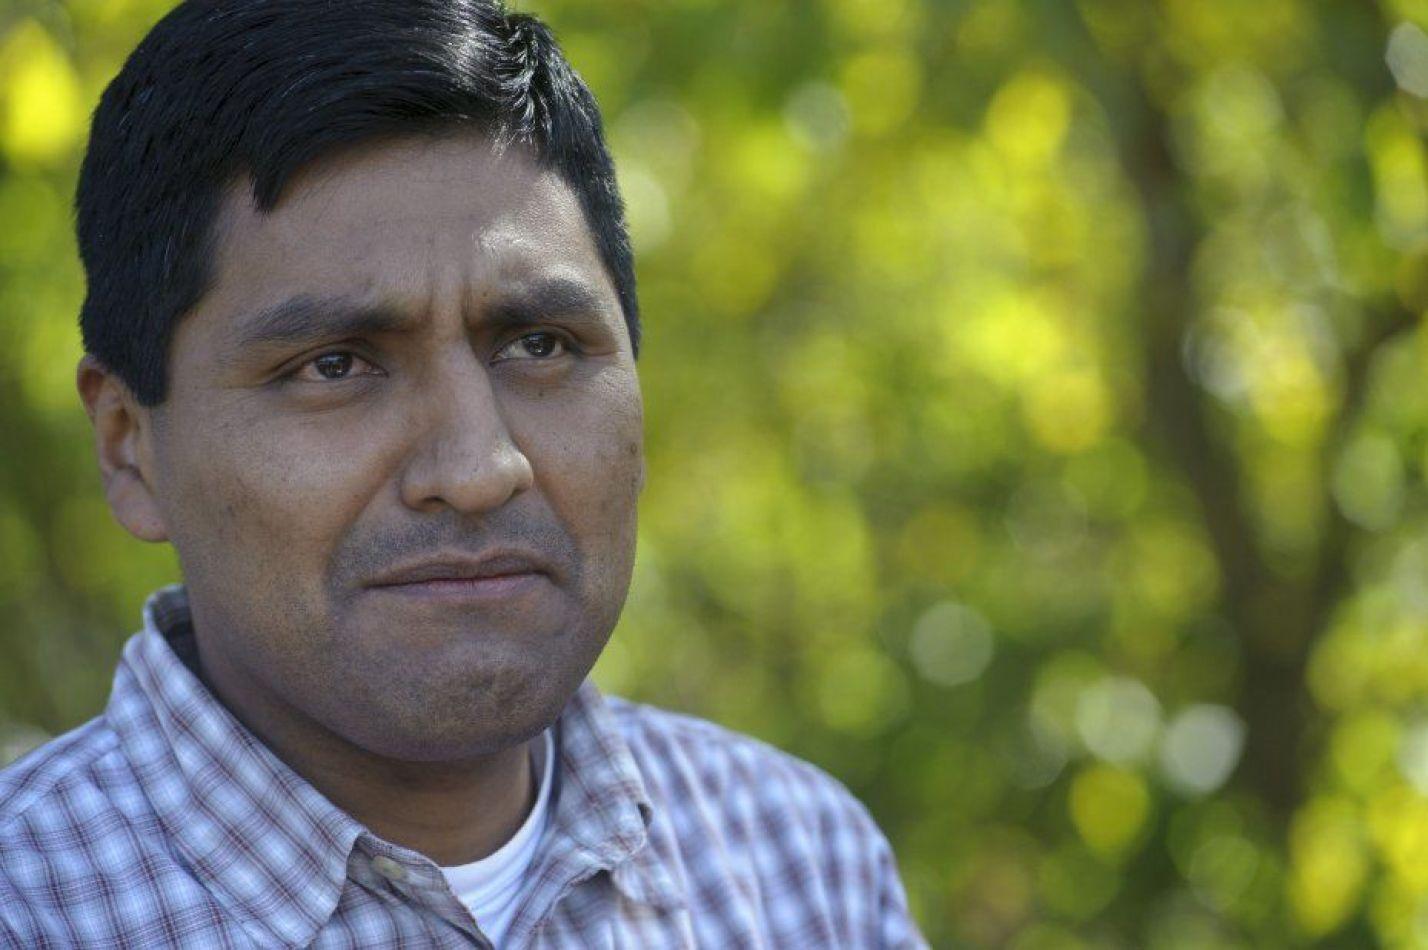 Santos Clemente Vera a la espera de un nuevo juicio